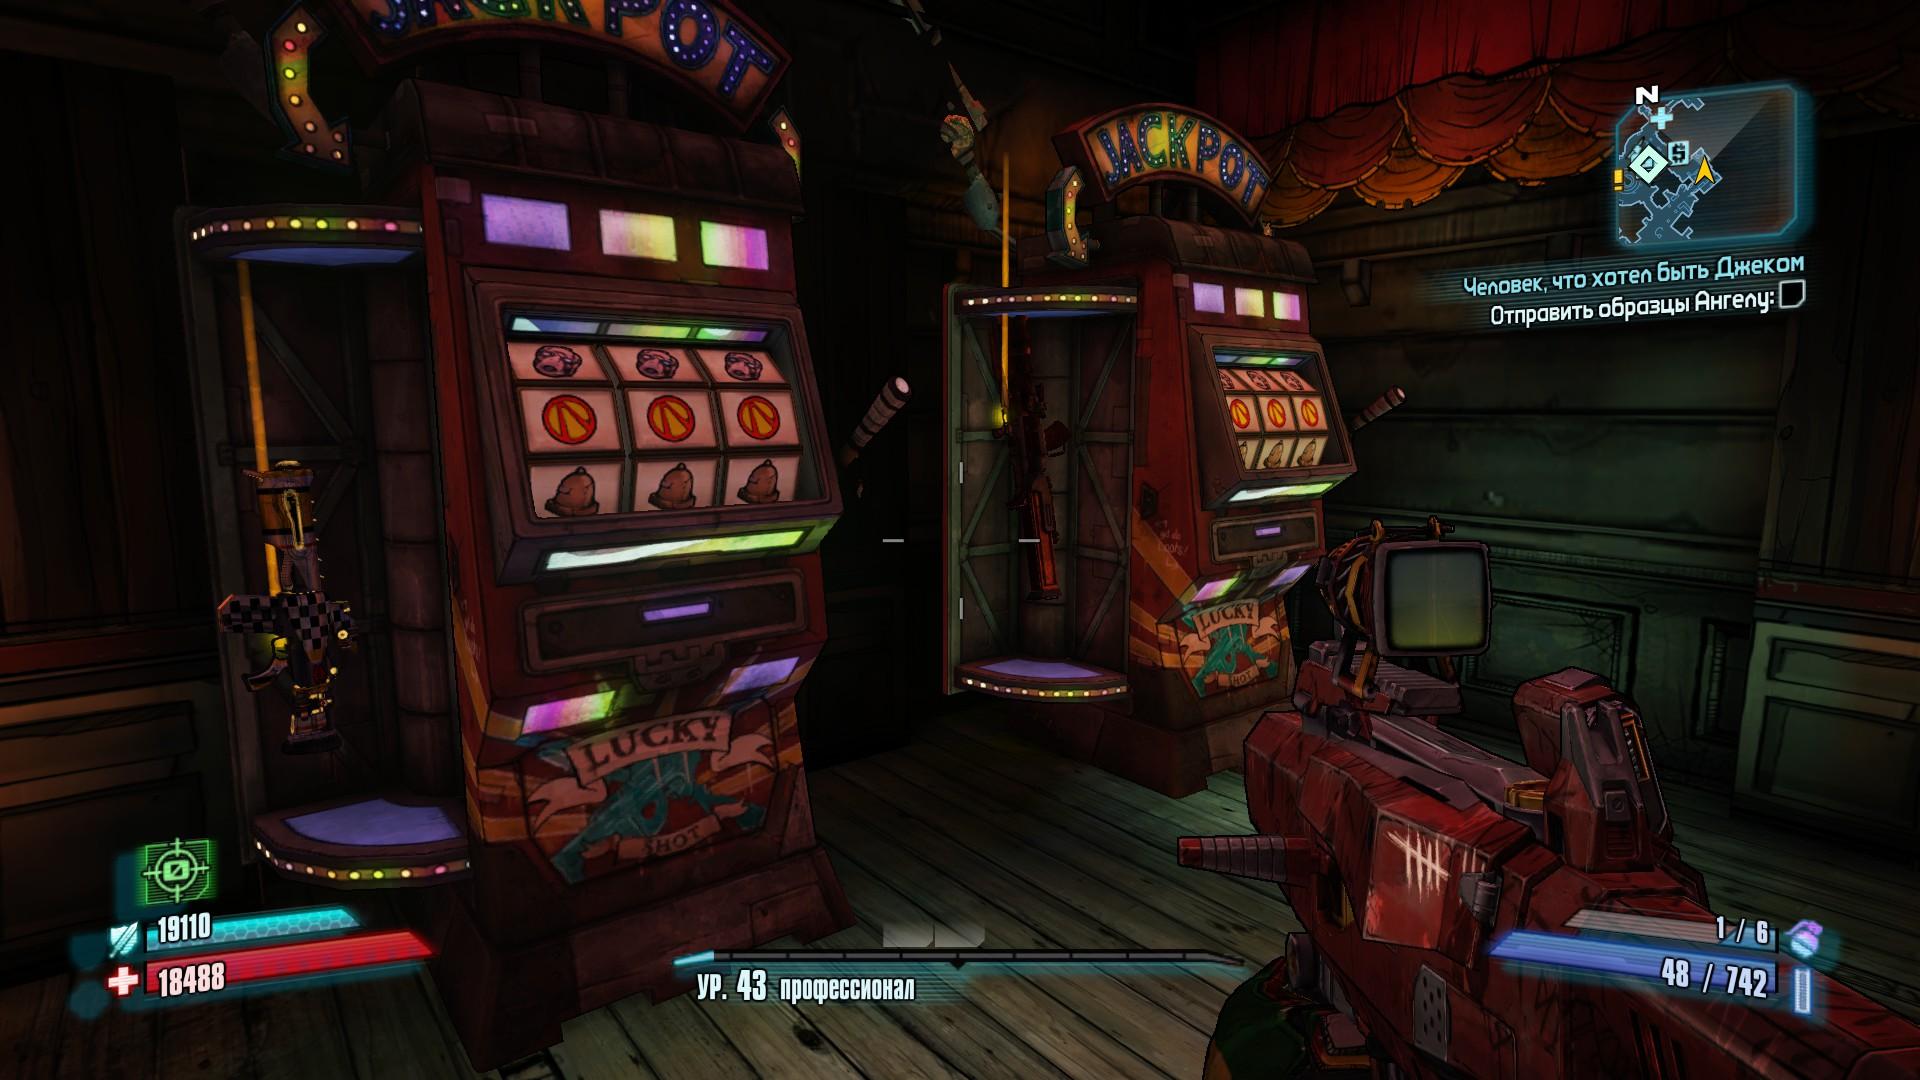 Бордерлендс 2 игровые автоматы игровые автоматы онлайн одиссей